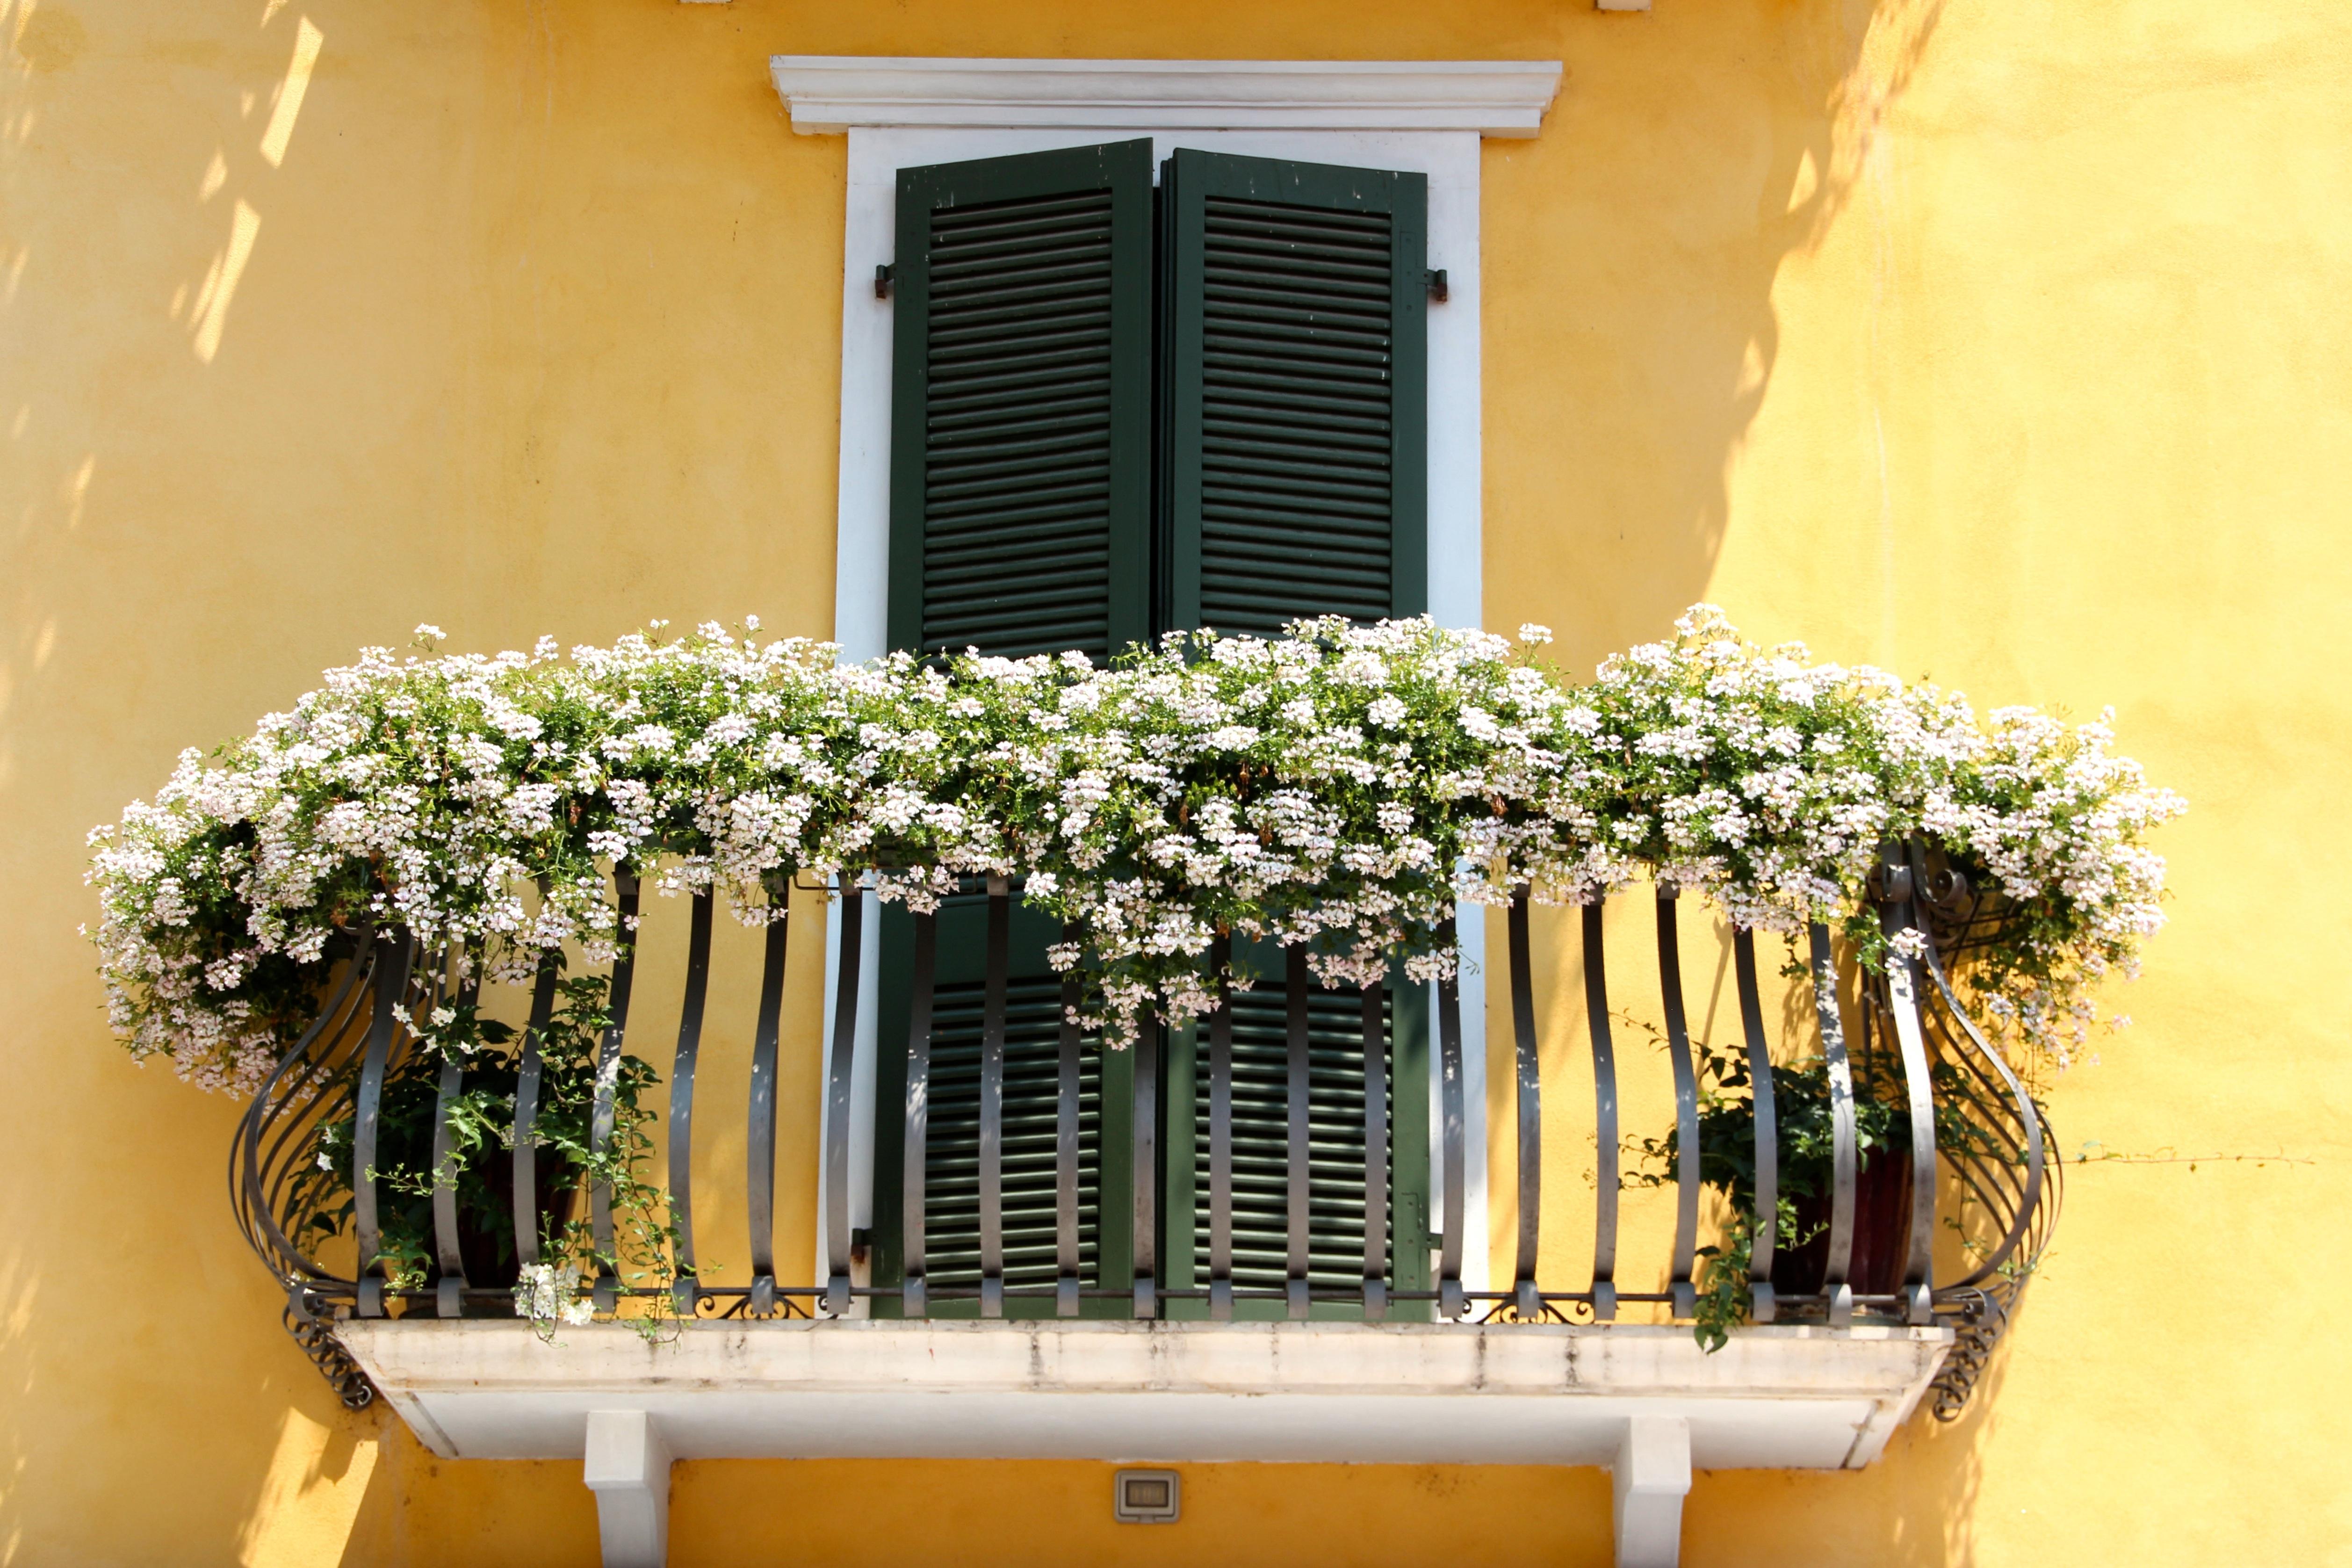 Бесплатная фотография: балкон, цветы, цветочные Ящики - бесп.